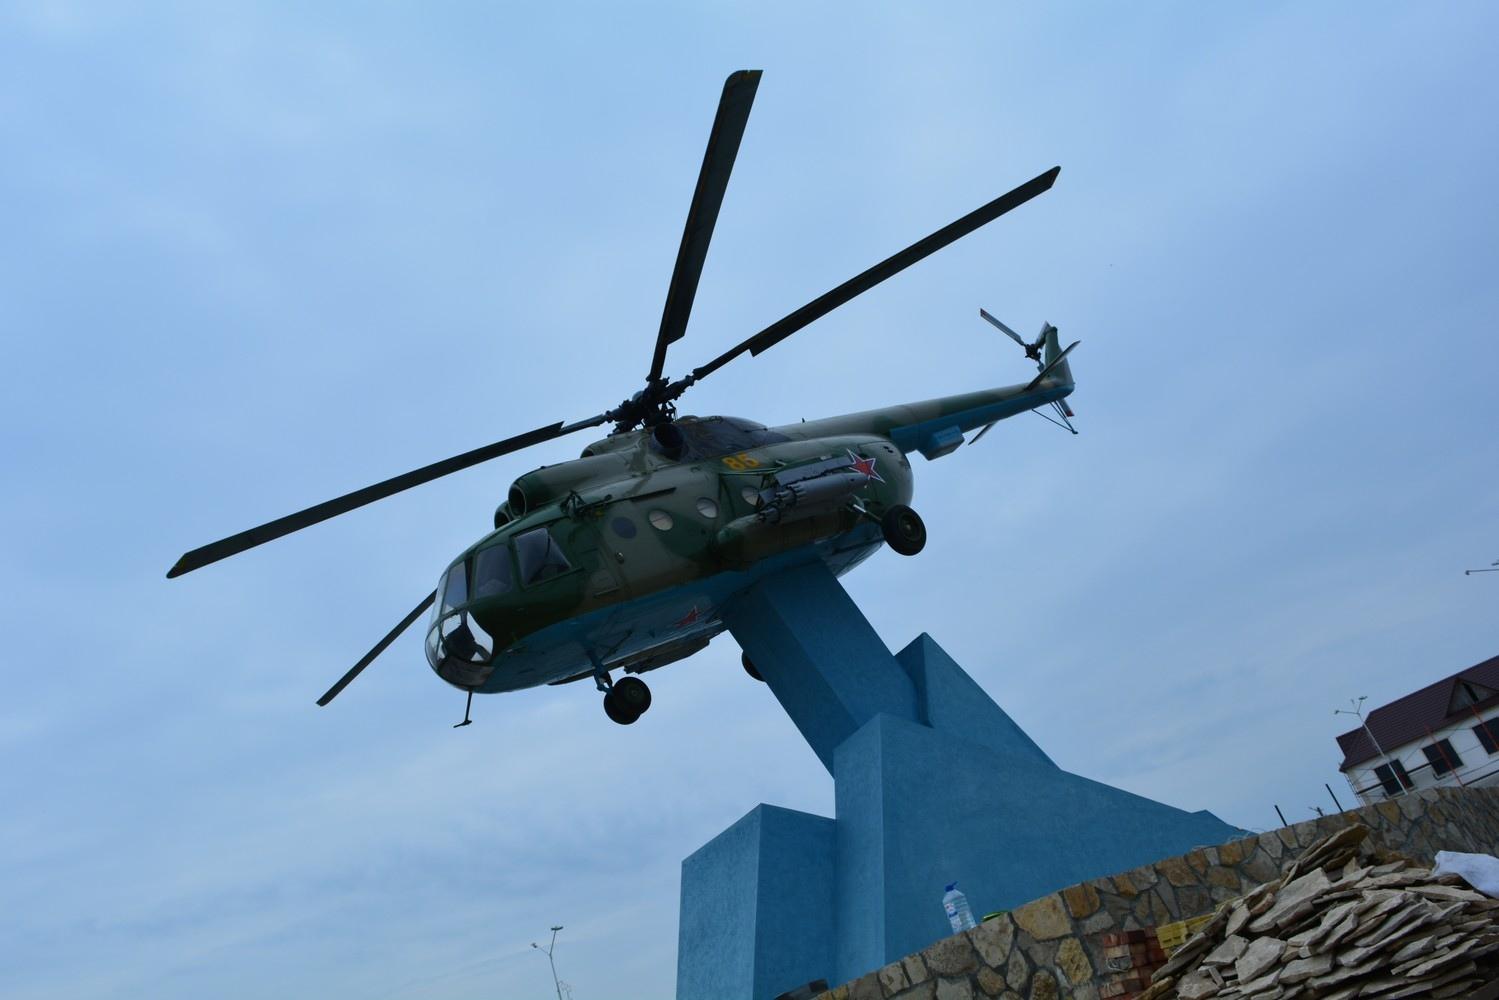 Памятник вертолет  Ми-8Т, Татищево